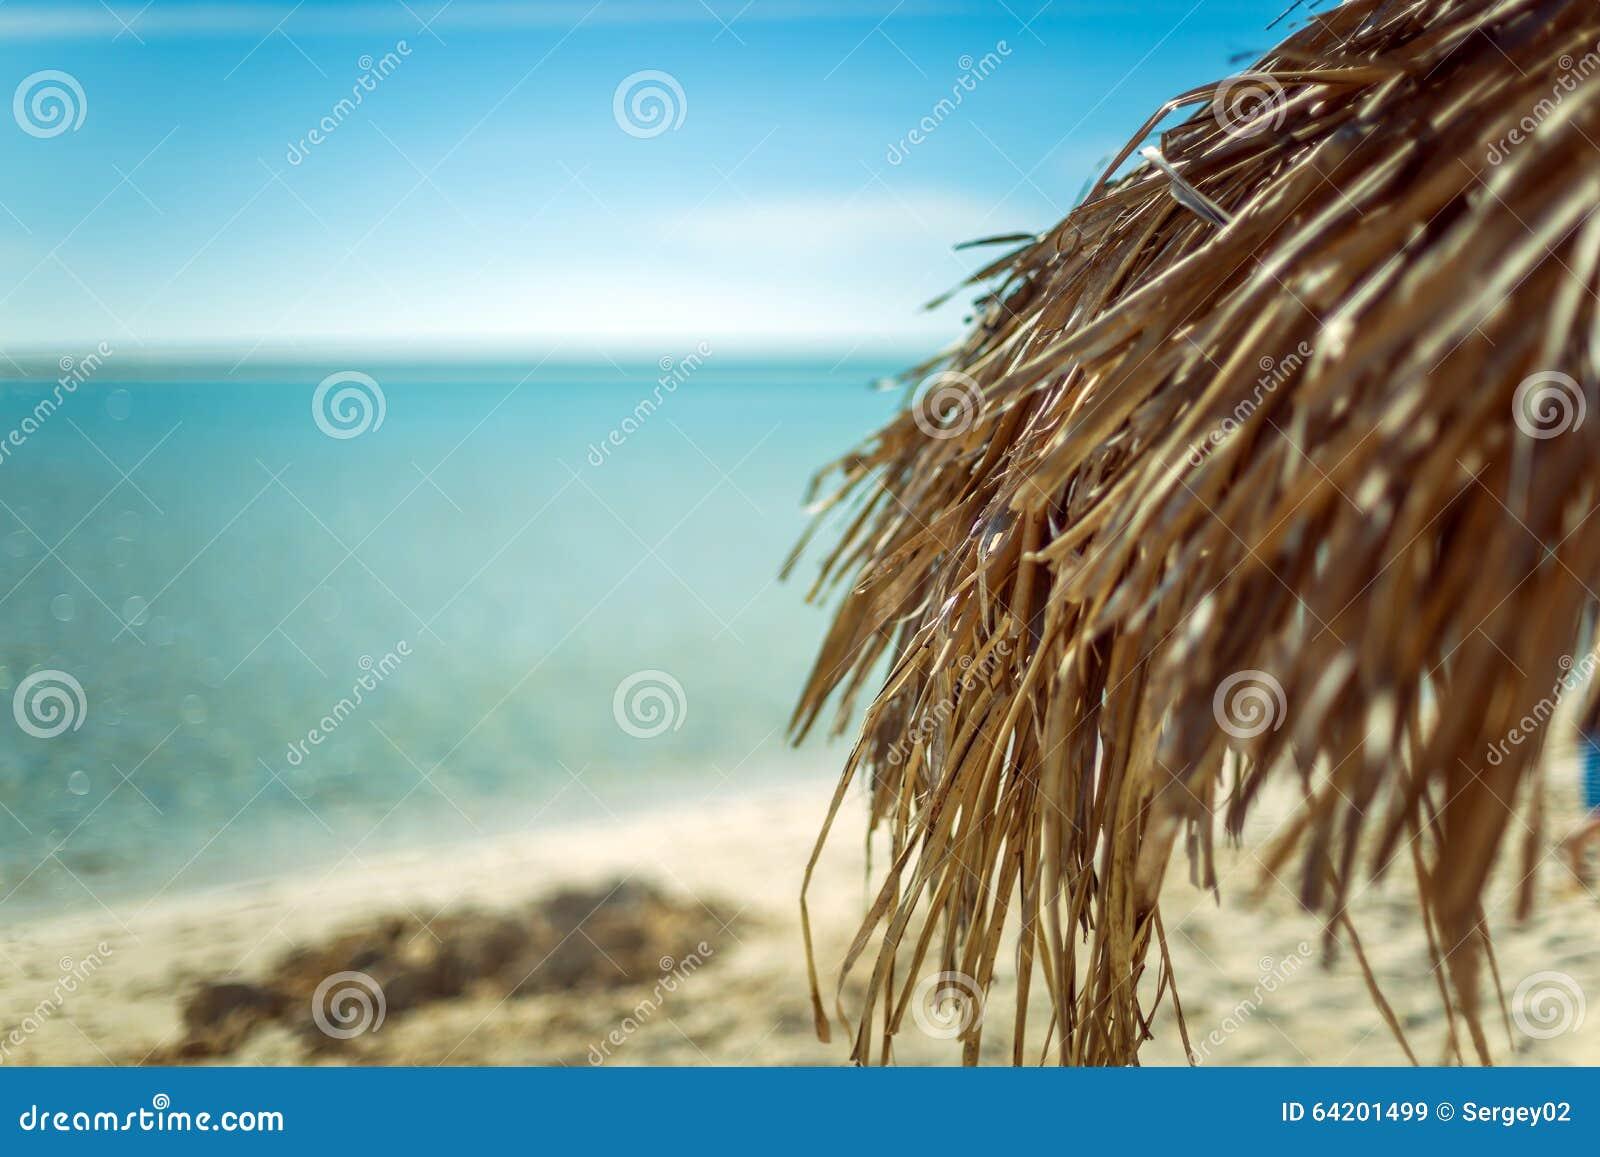 Parasol de playa hecho de las hojas de palma en la playa exótica